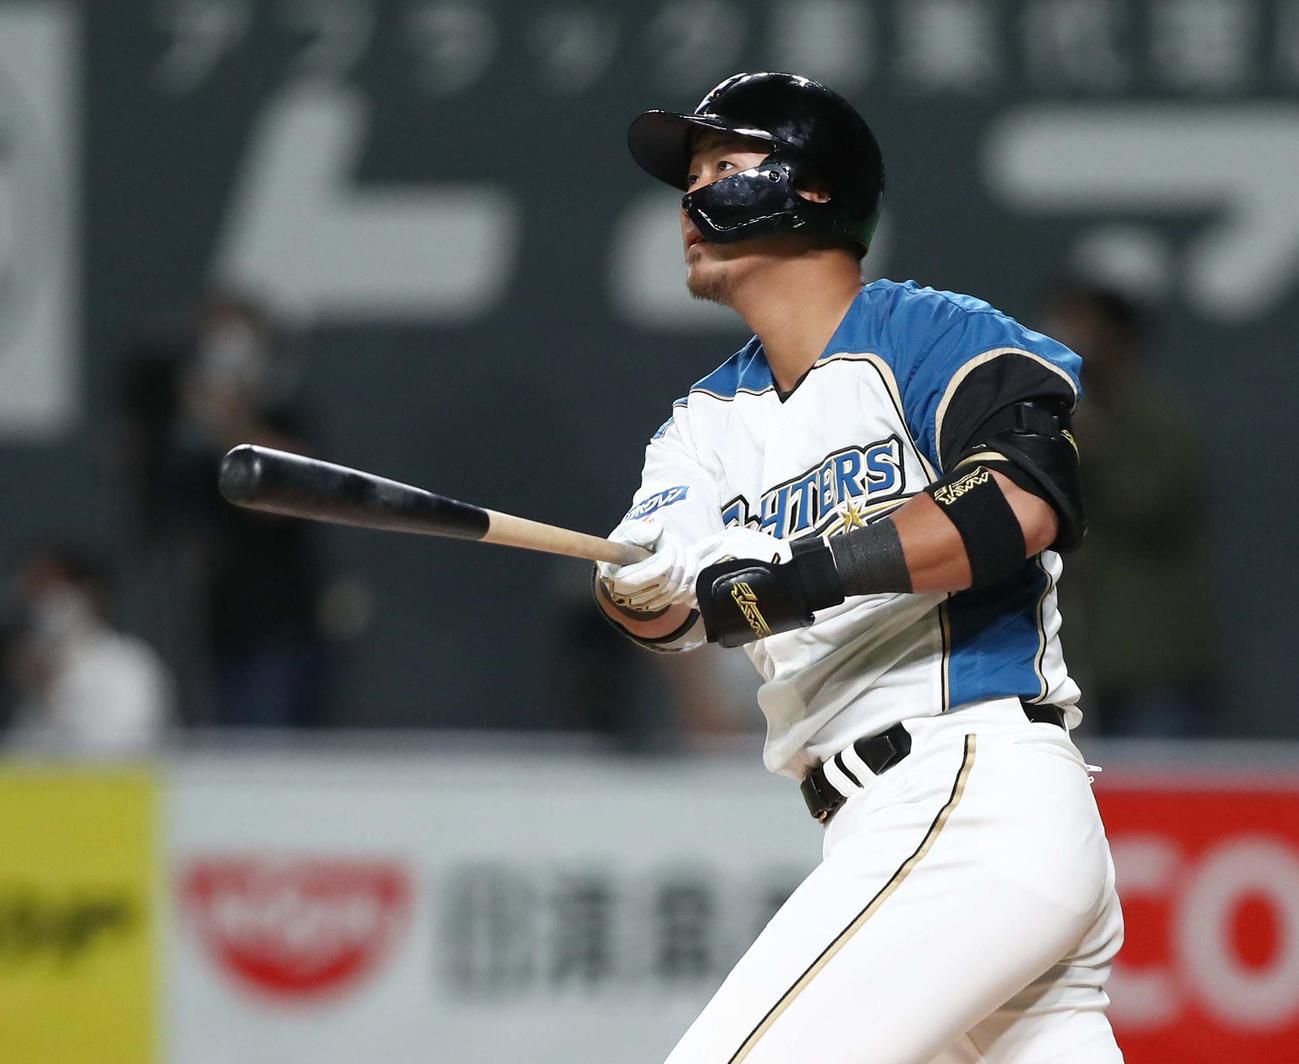 日本ハム対ソフトバンク 1回裏日本ハム2死一塁、左越え2点本塁打を放つ中田(撮影・黒川智章)